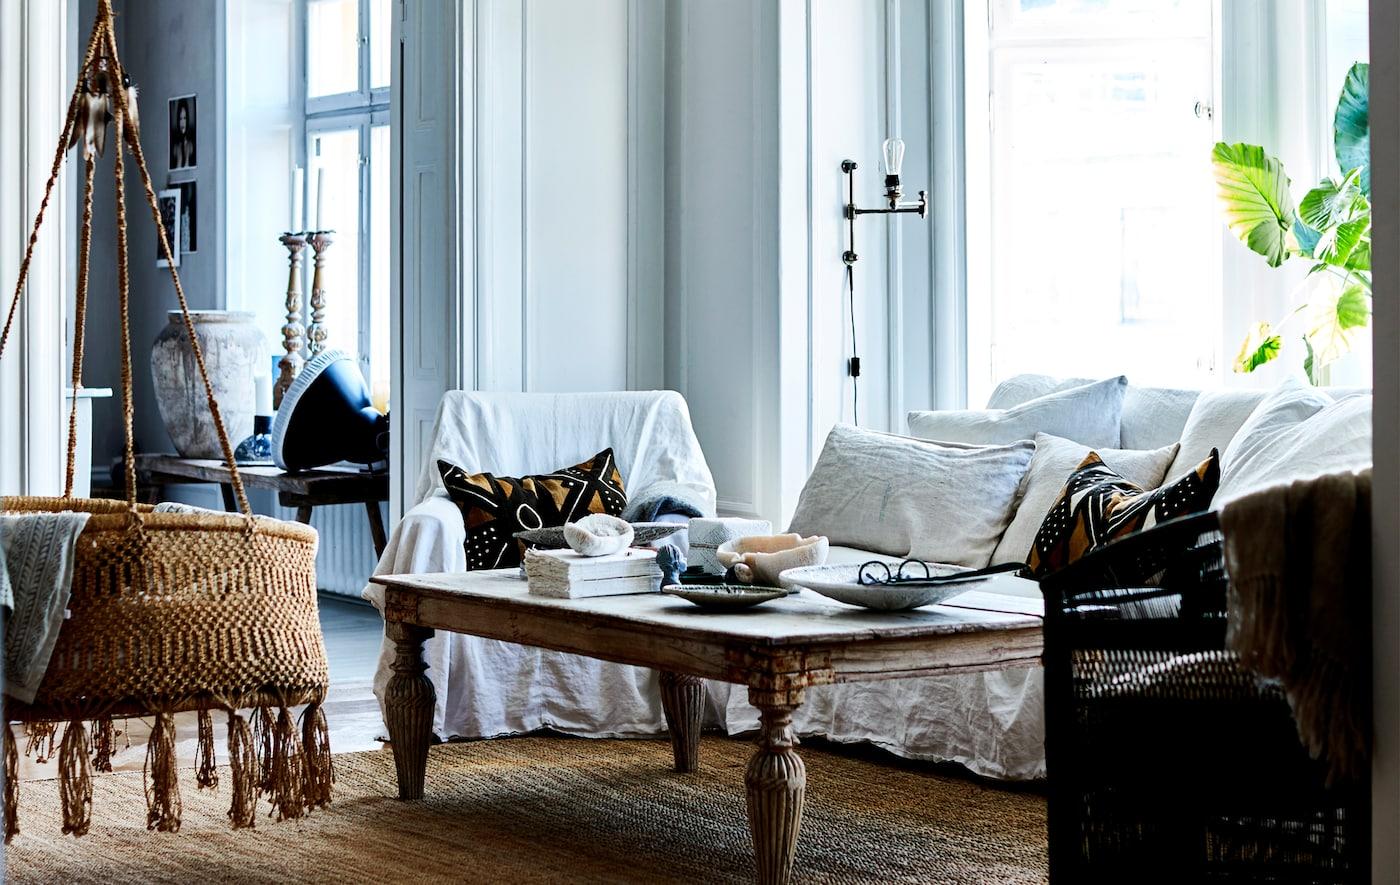 Гостиная с белым диваном, рустикальным столом и подвесным сиденьем из ротанга.